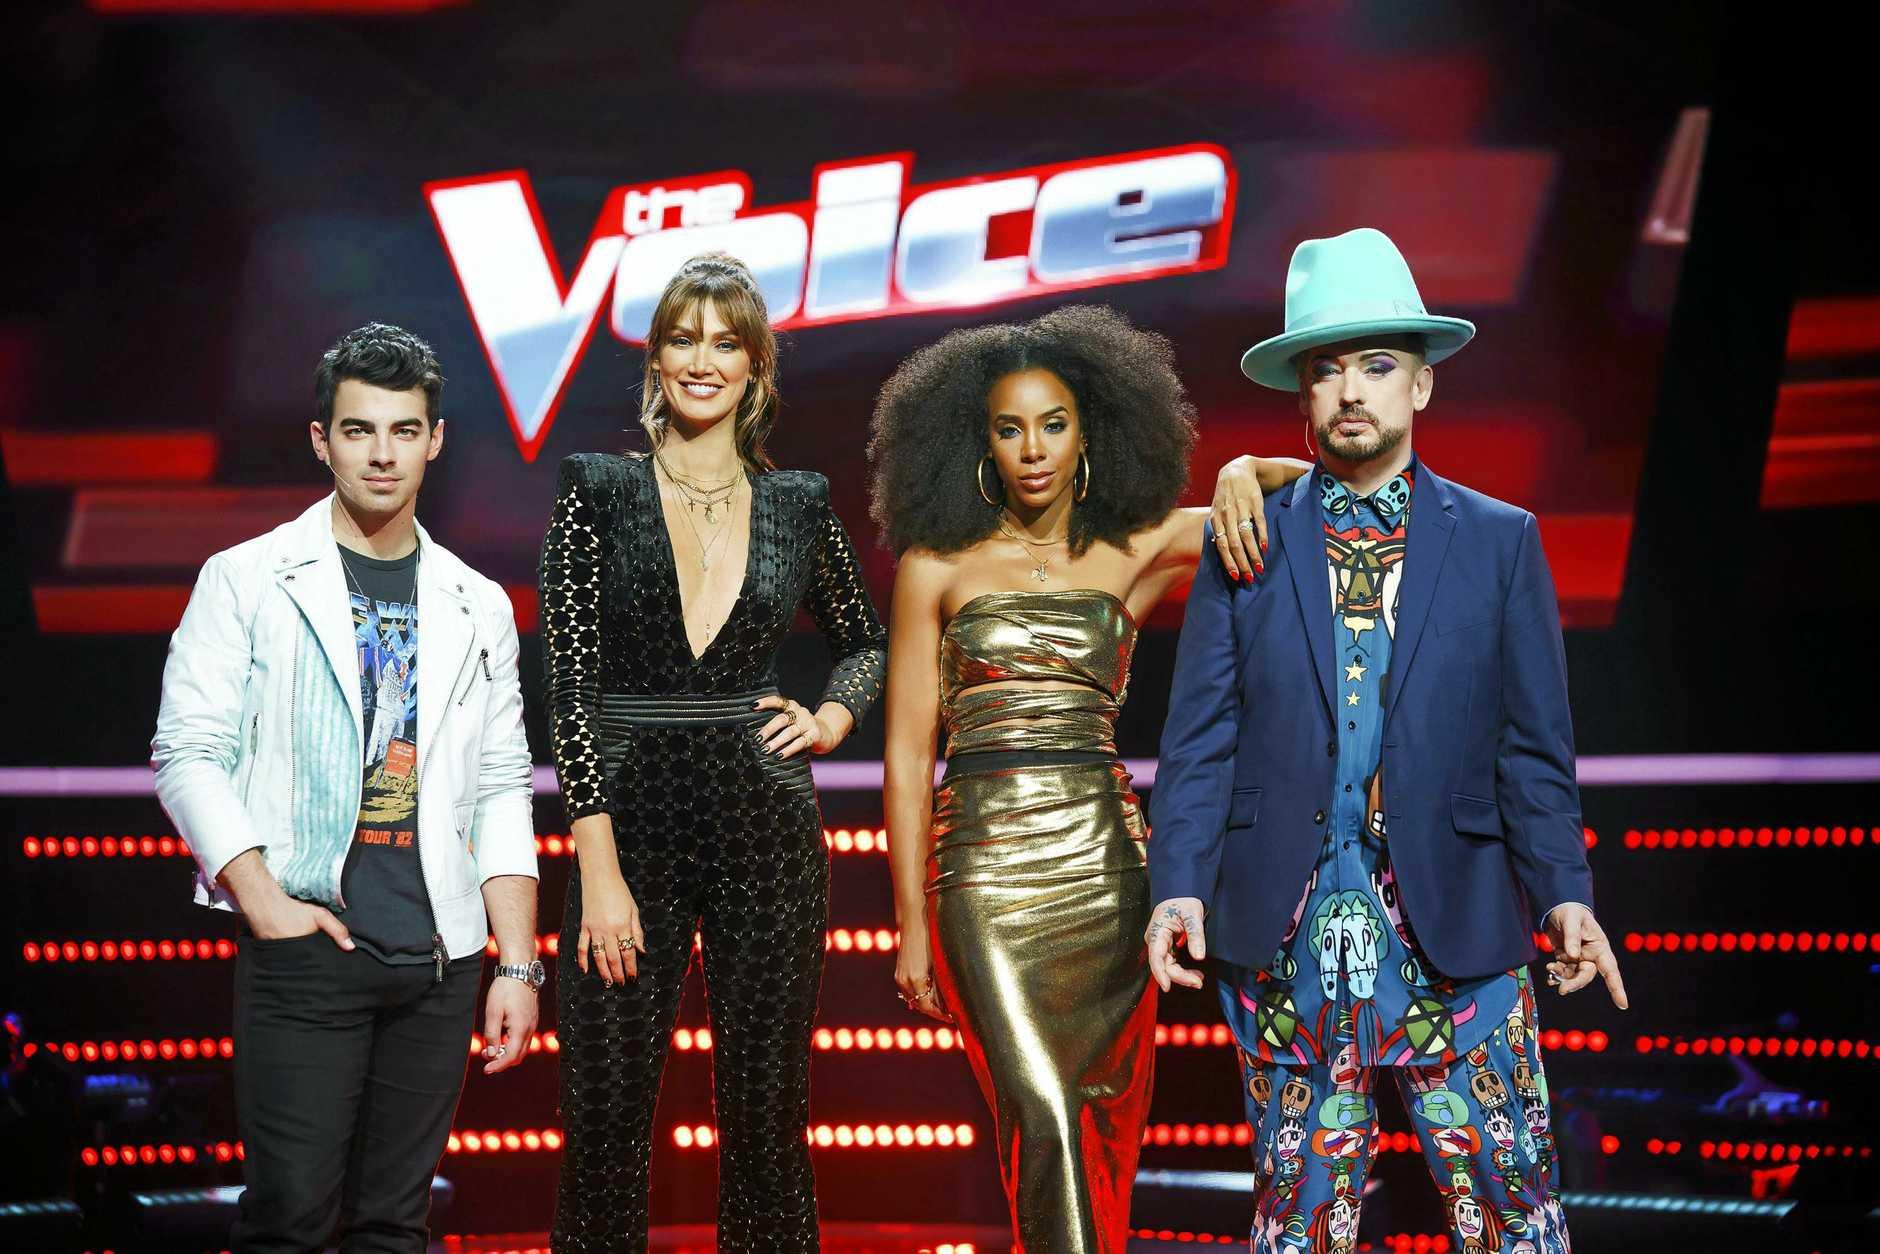 The Voice's 2018 season coaches (from left) Joe Jonas, Delta Goodrem, Kelly Rowland and Boy George.